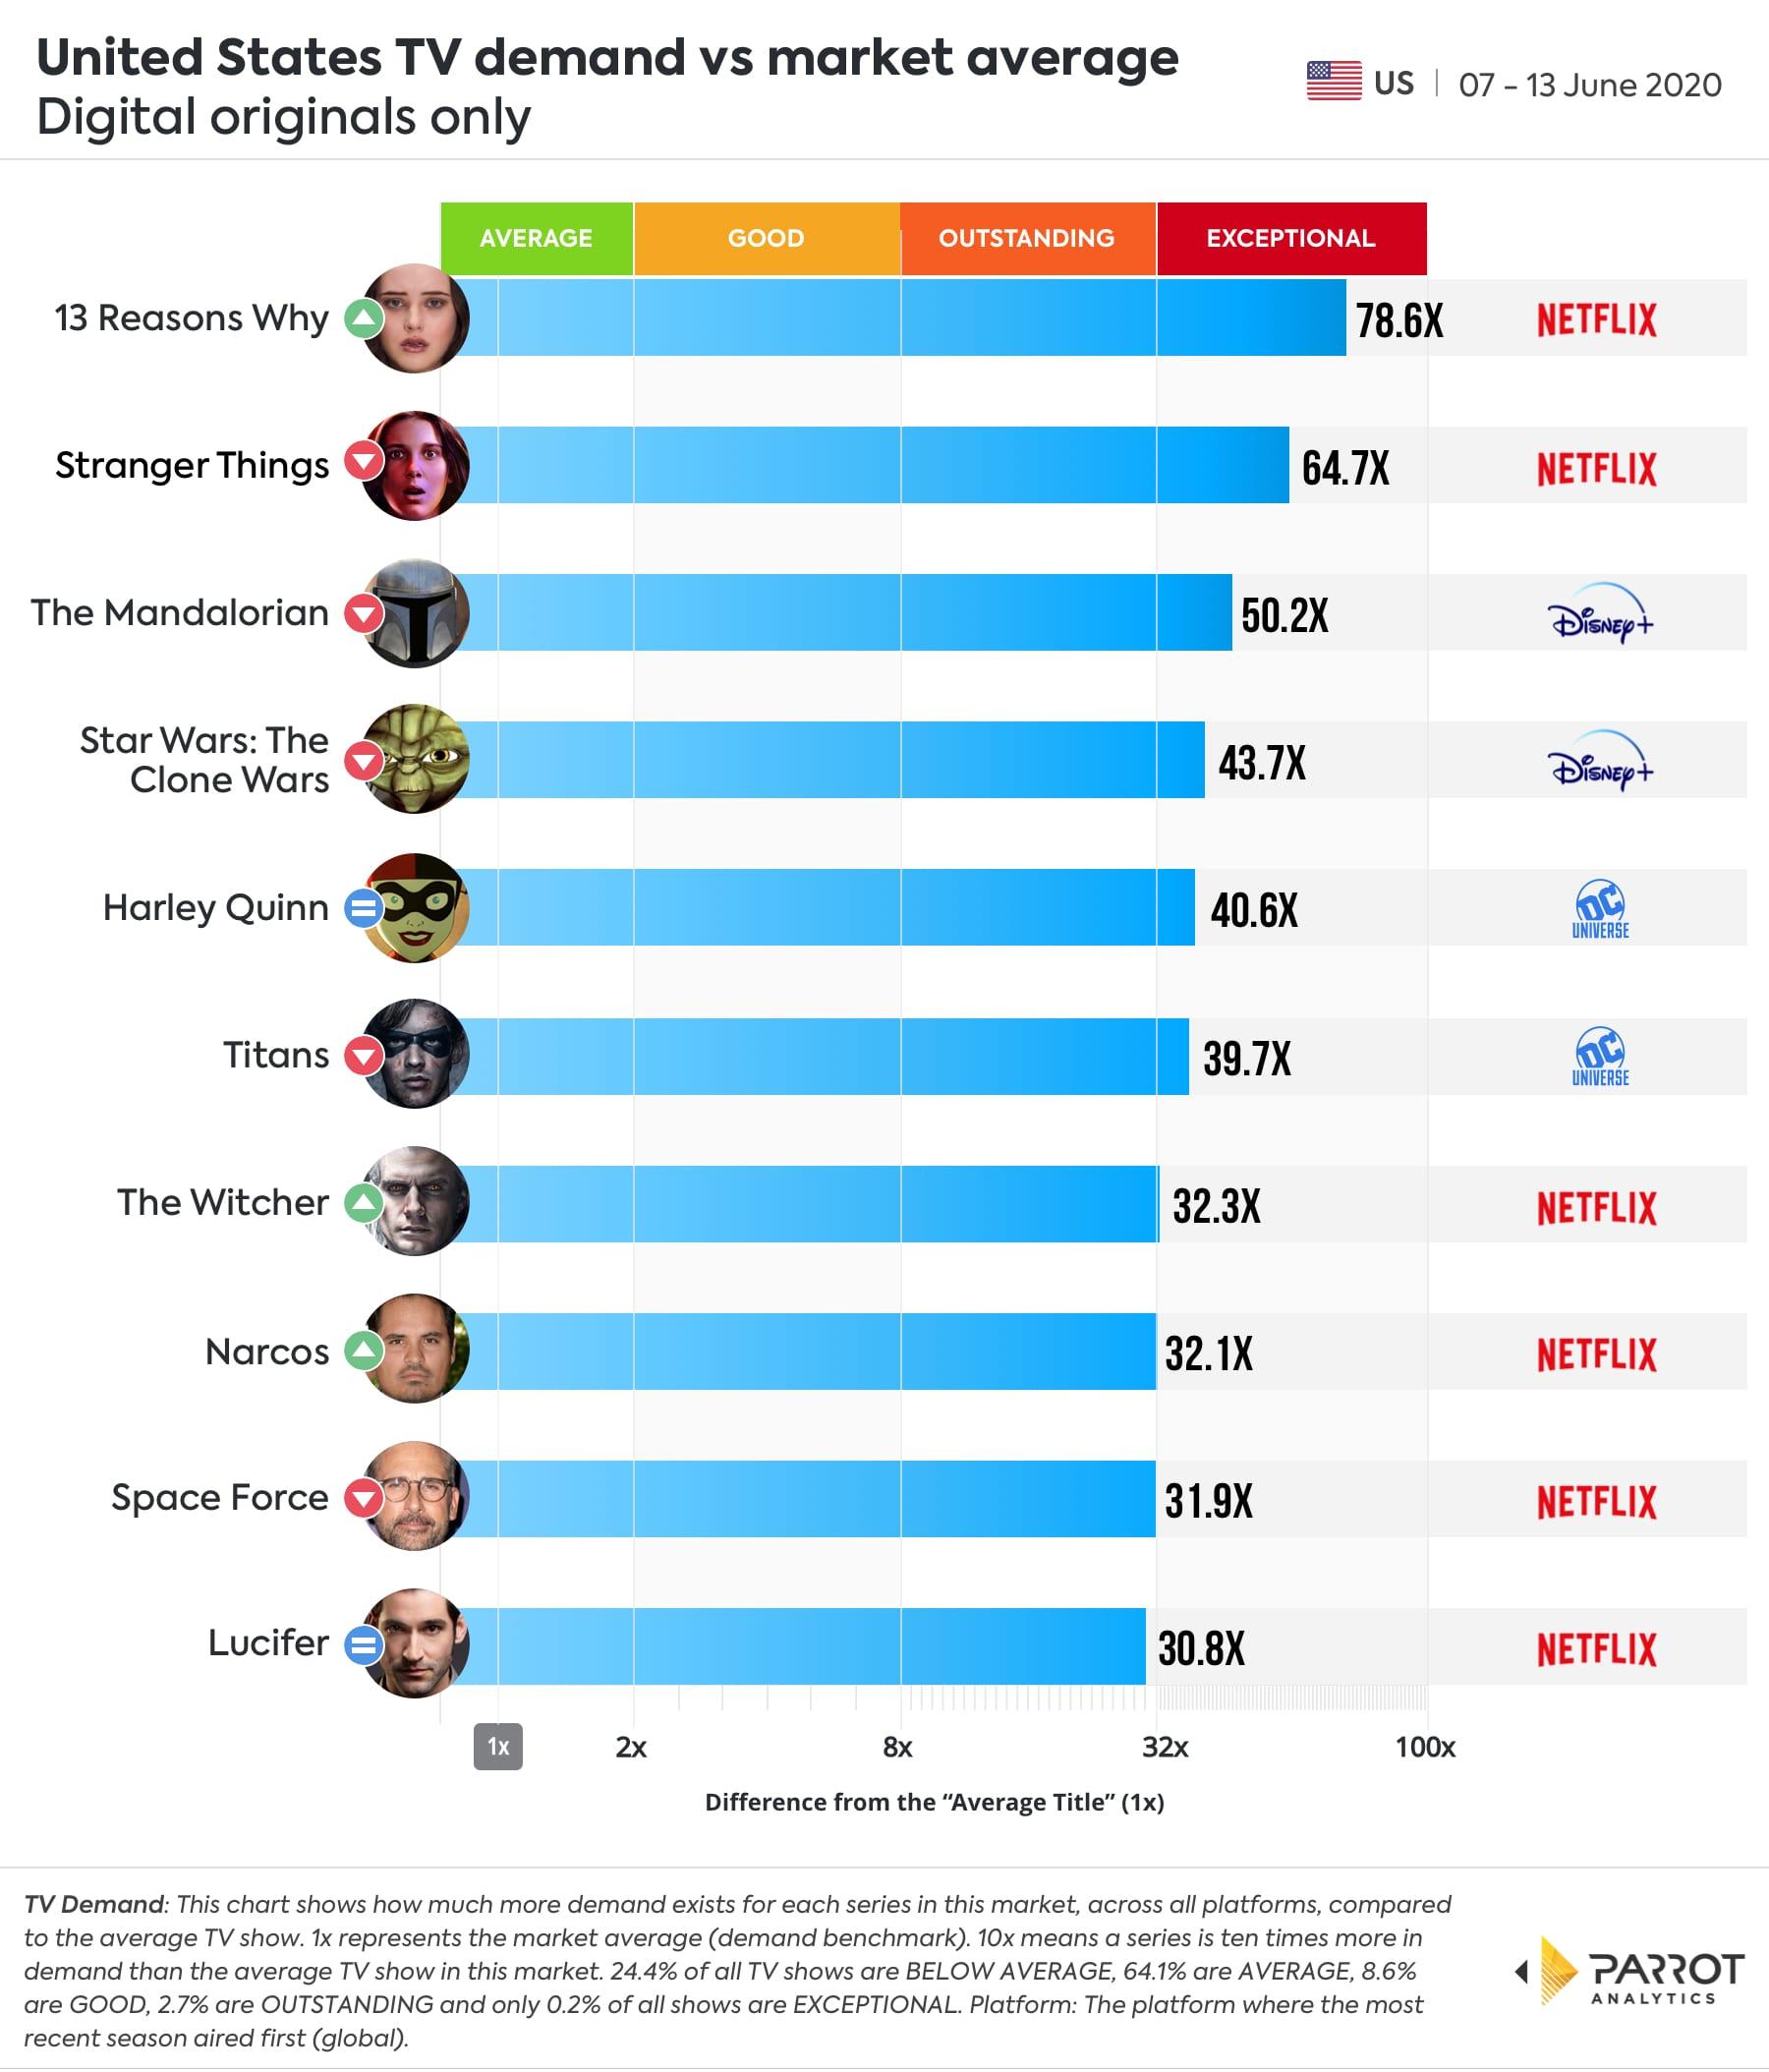 Raport popularności produkcji na platformach streamingowych, Parrot Analytics